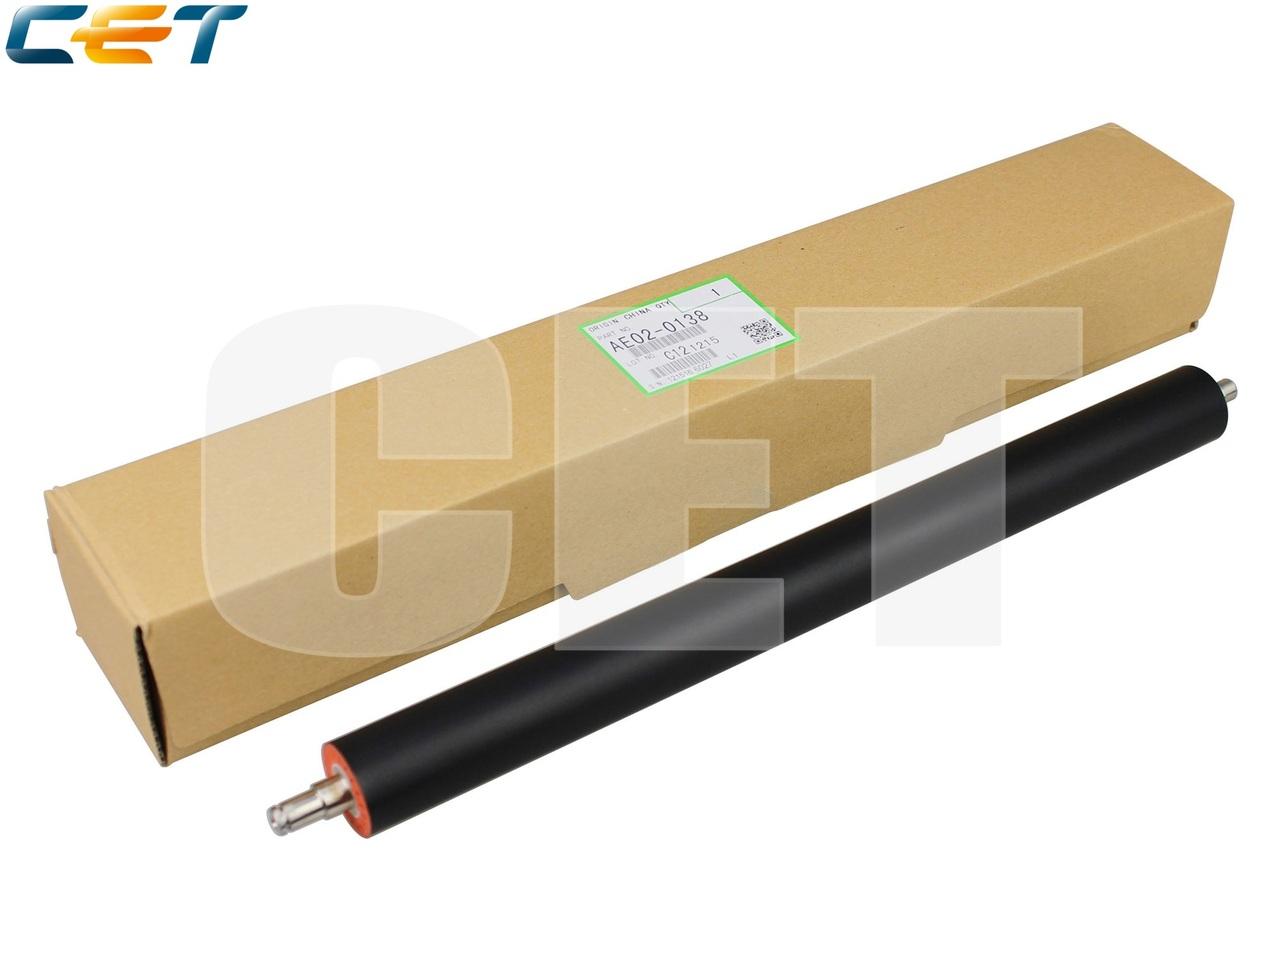 Резиновый вал AE02-0138 для RICOH Aficio 1022/1027 (CET),CET6027